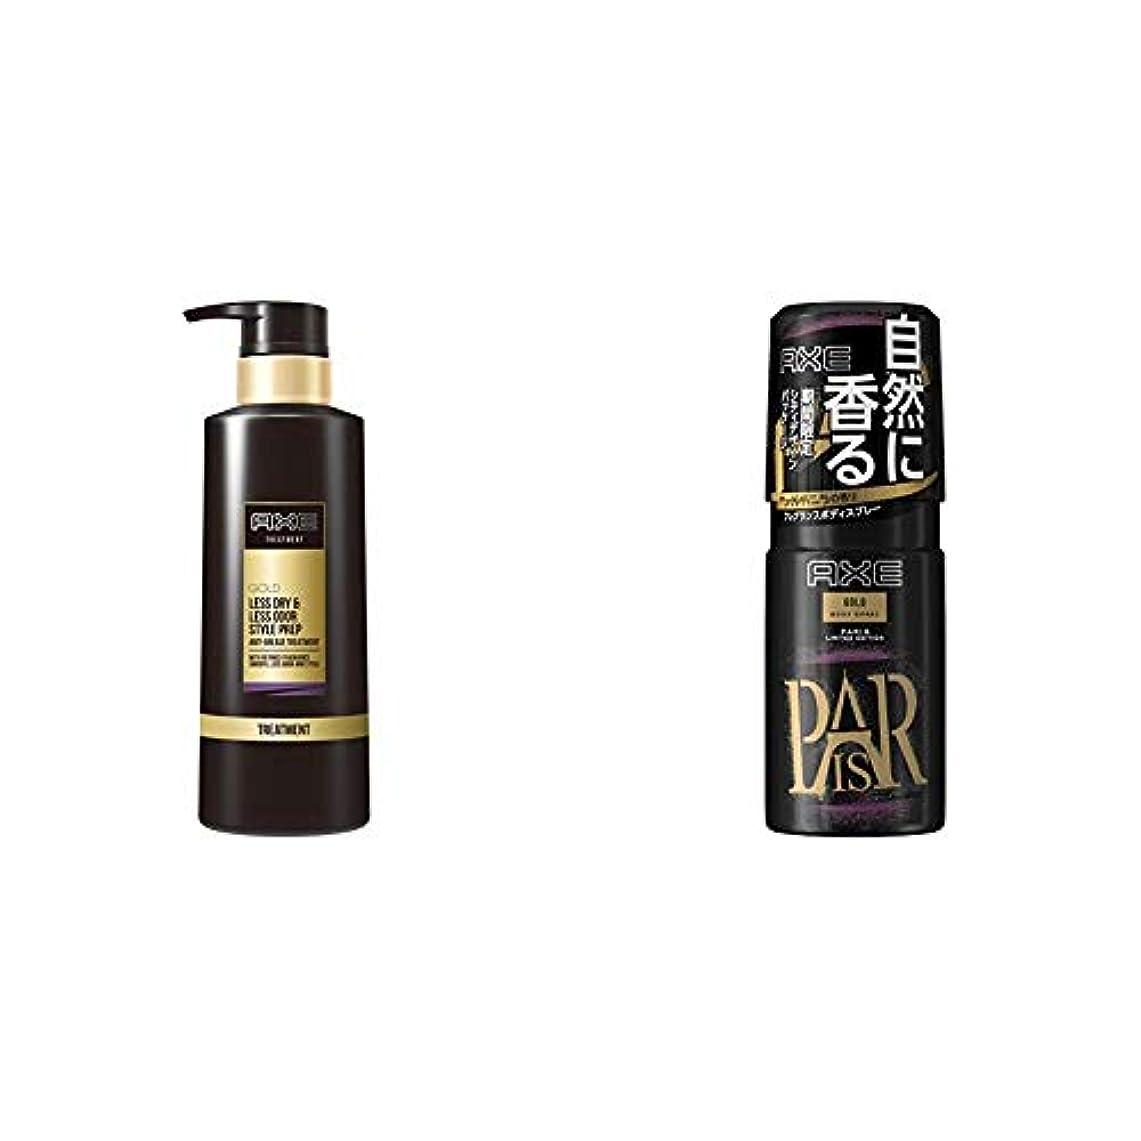 悲しい従順見捨てられたアックス ゴールド 男性用 ヘア トリートメント ポンプ (臭いを忘れて、ずっと香る) 350g & ゴールド 男性用 フレグランス ボディスプレー (ウッドバニラの香り) 60g